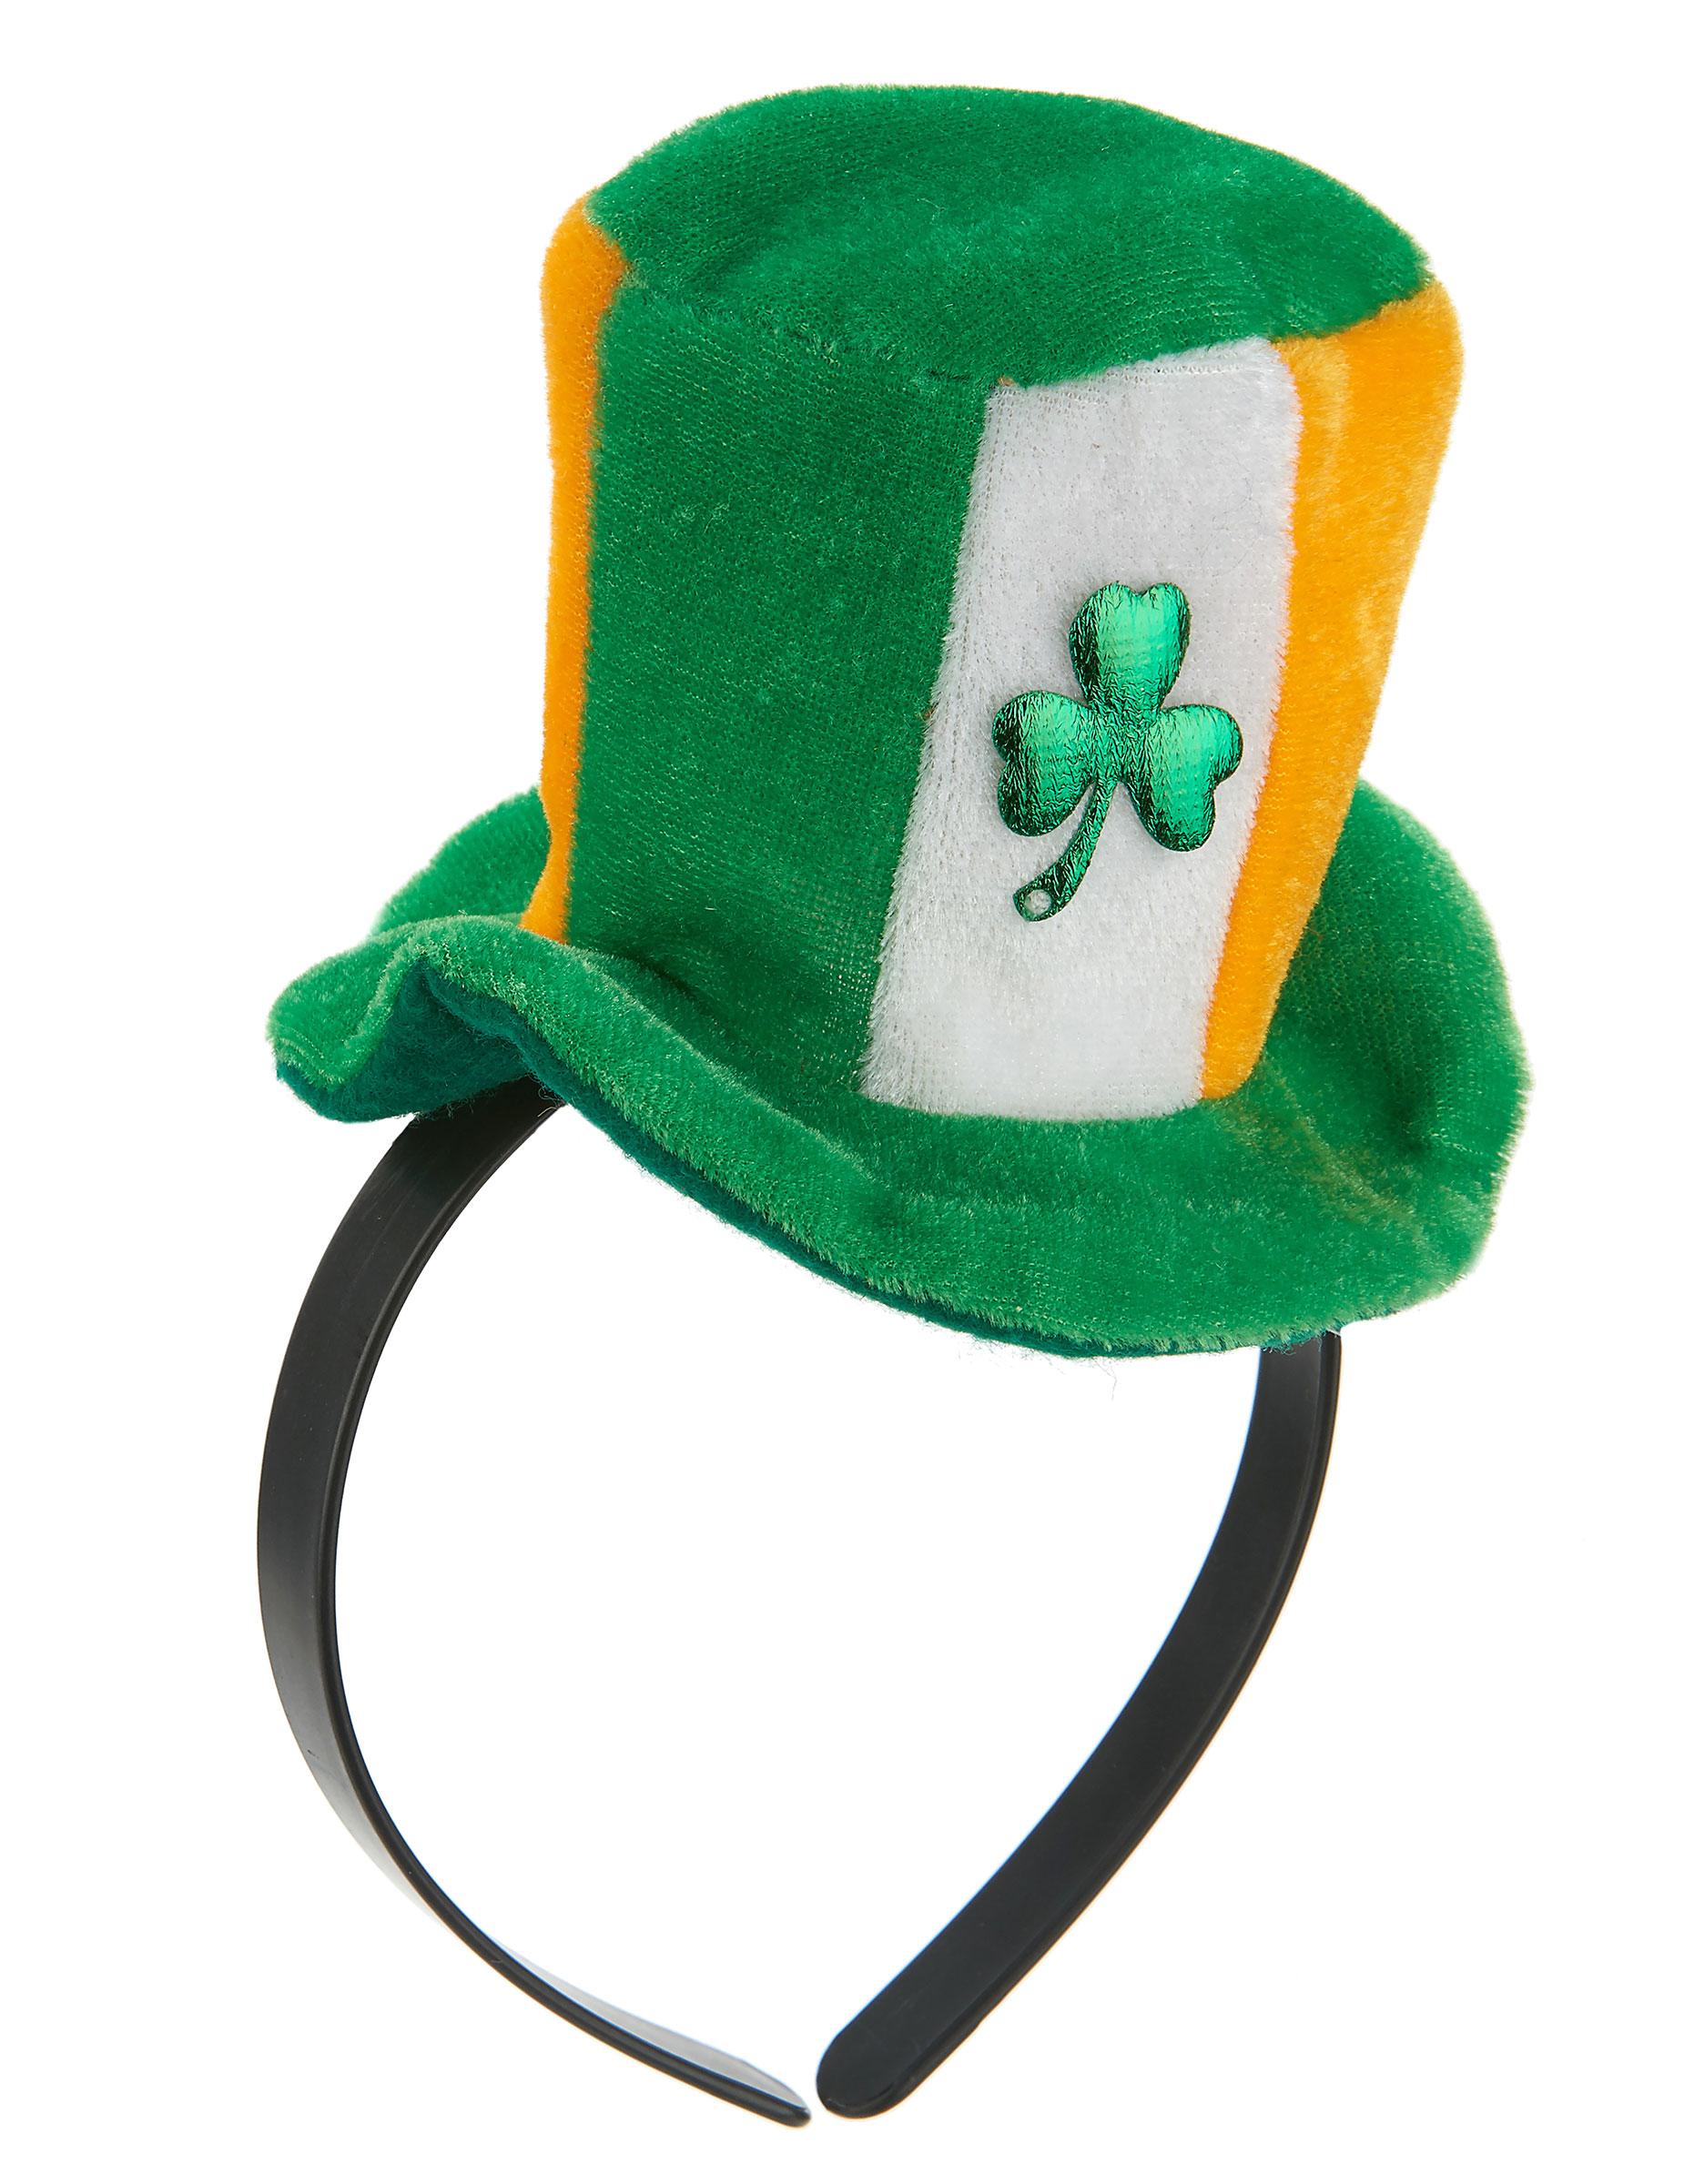 Diadema mini sombrero irlandés con trébol adulto  Accesorios 99daa4c3ee76